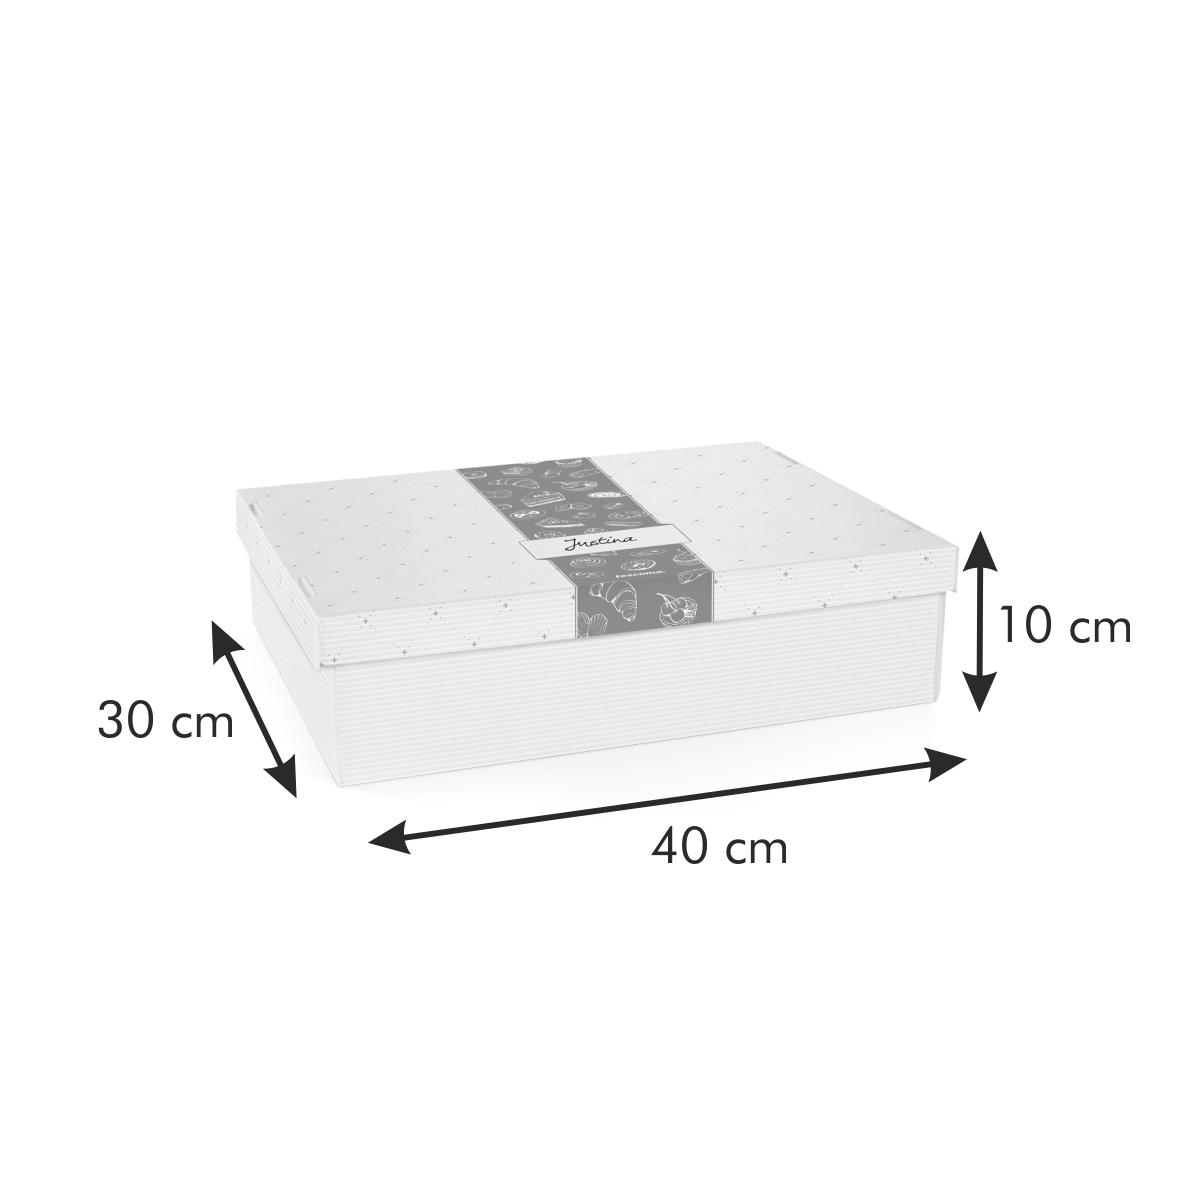 Krabice na cukroví a lahůdky DELÍCIA, 40 x 30 cm